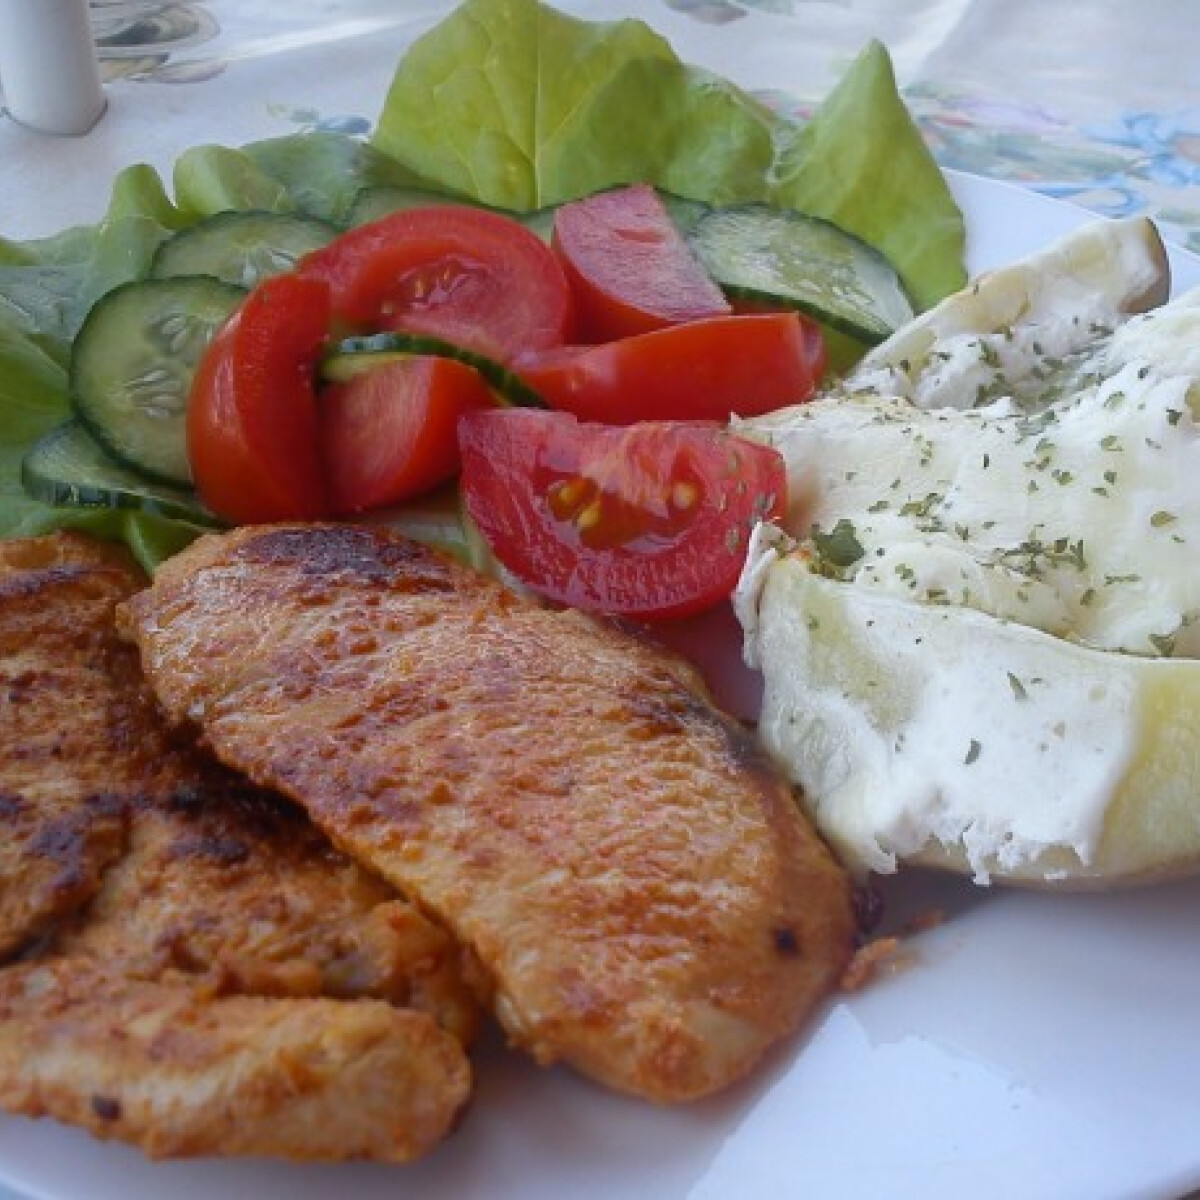 Ezen a képen: Joghurtos csirkemell sajtos burgonyával